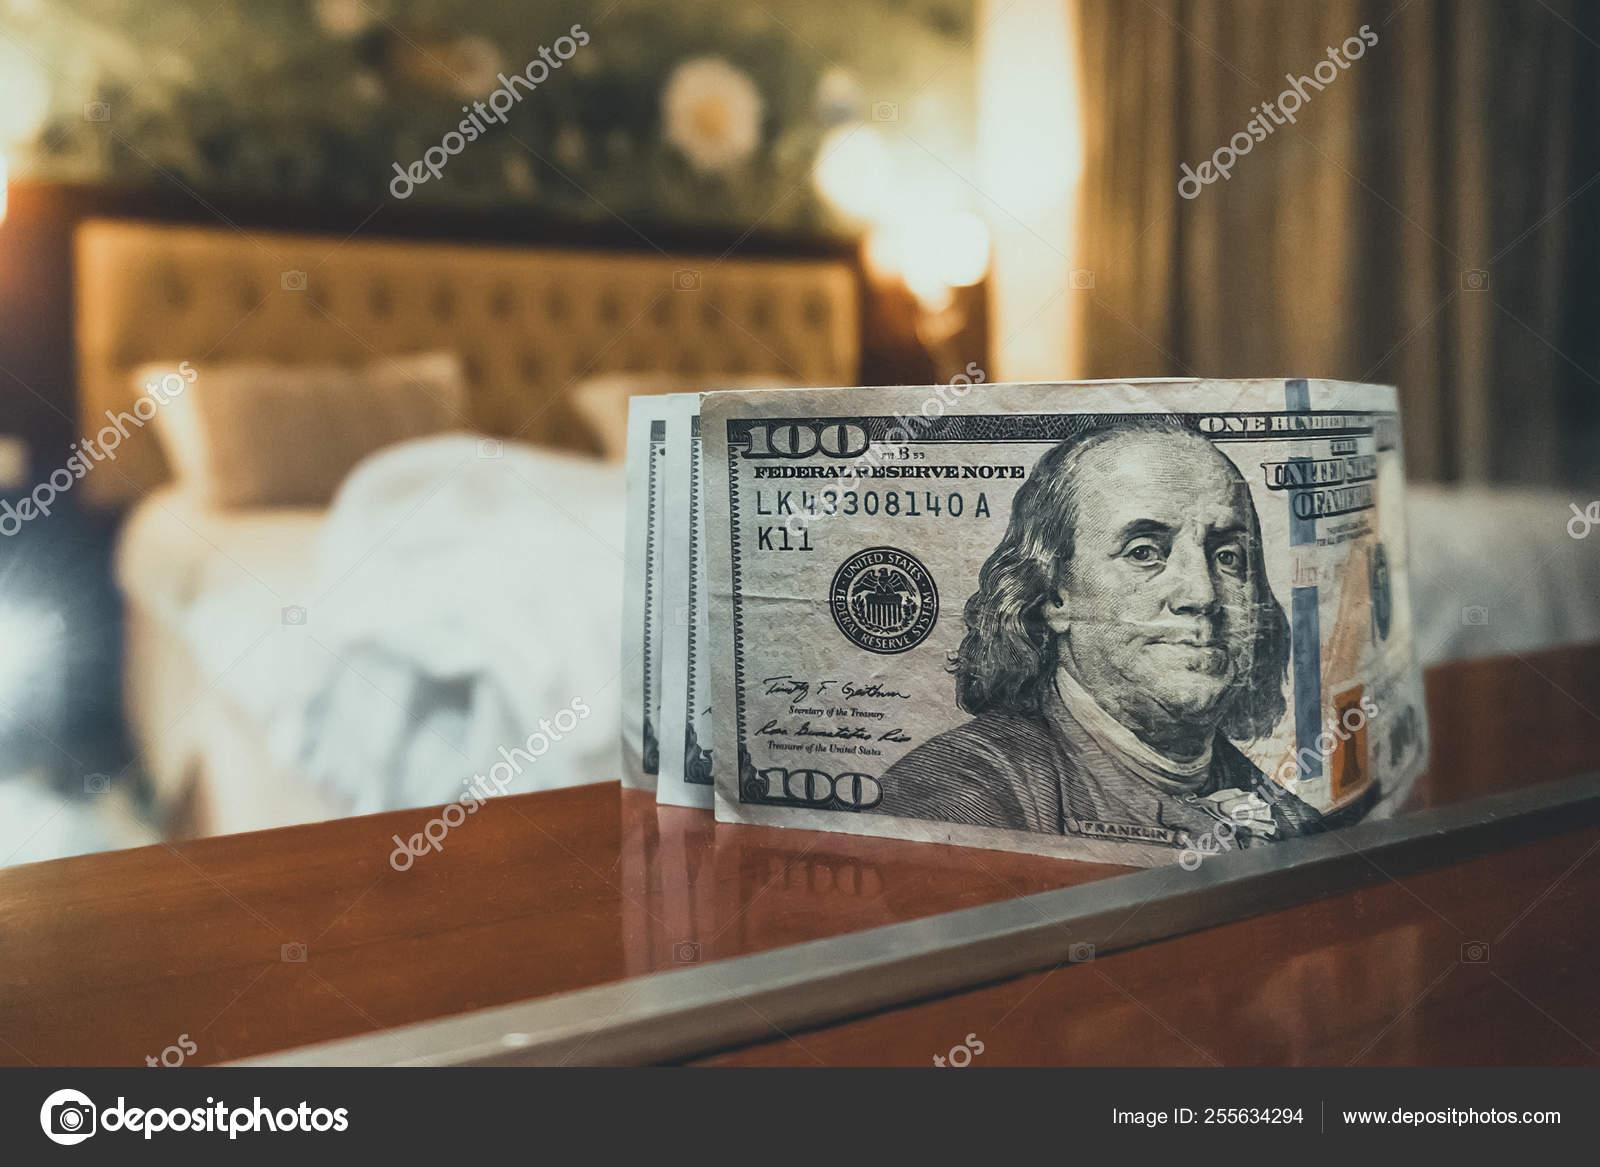 prostitutes sex money